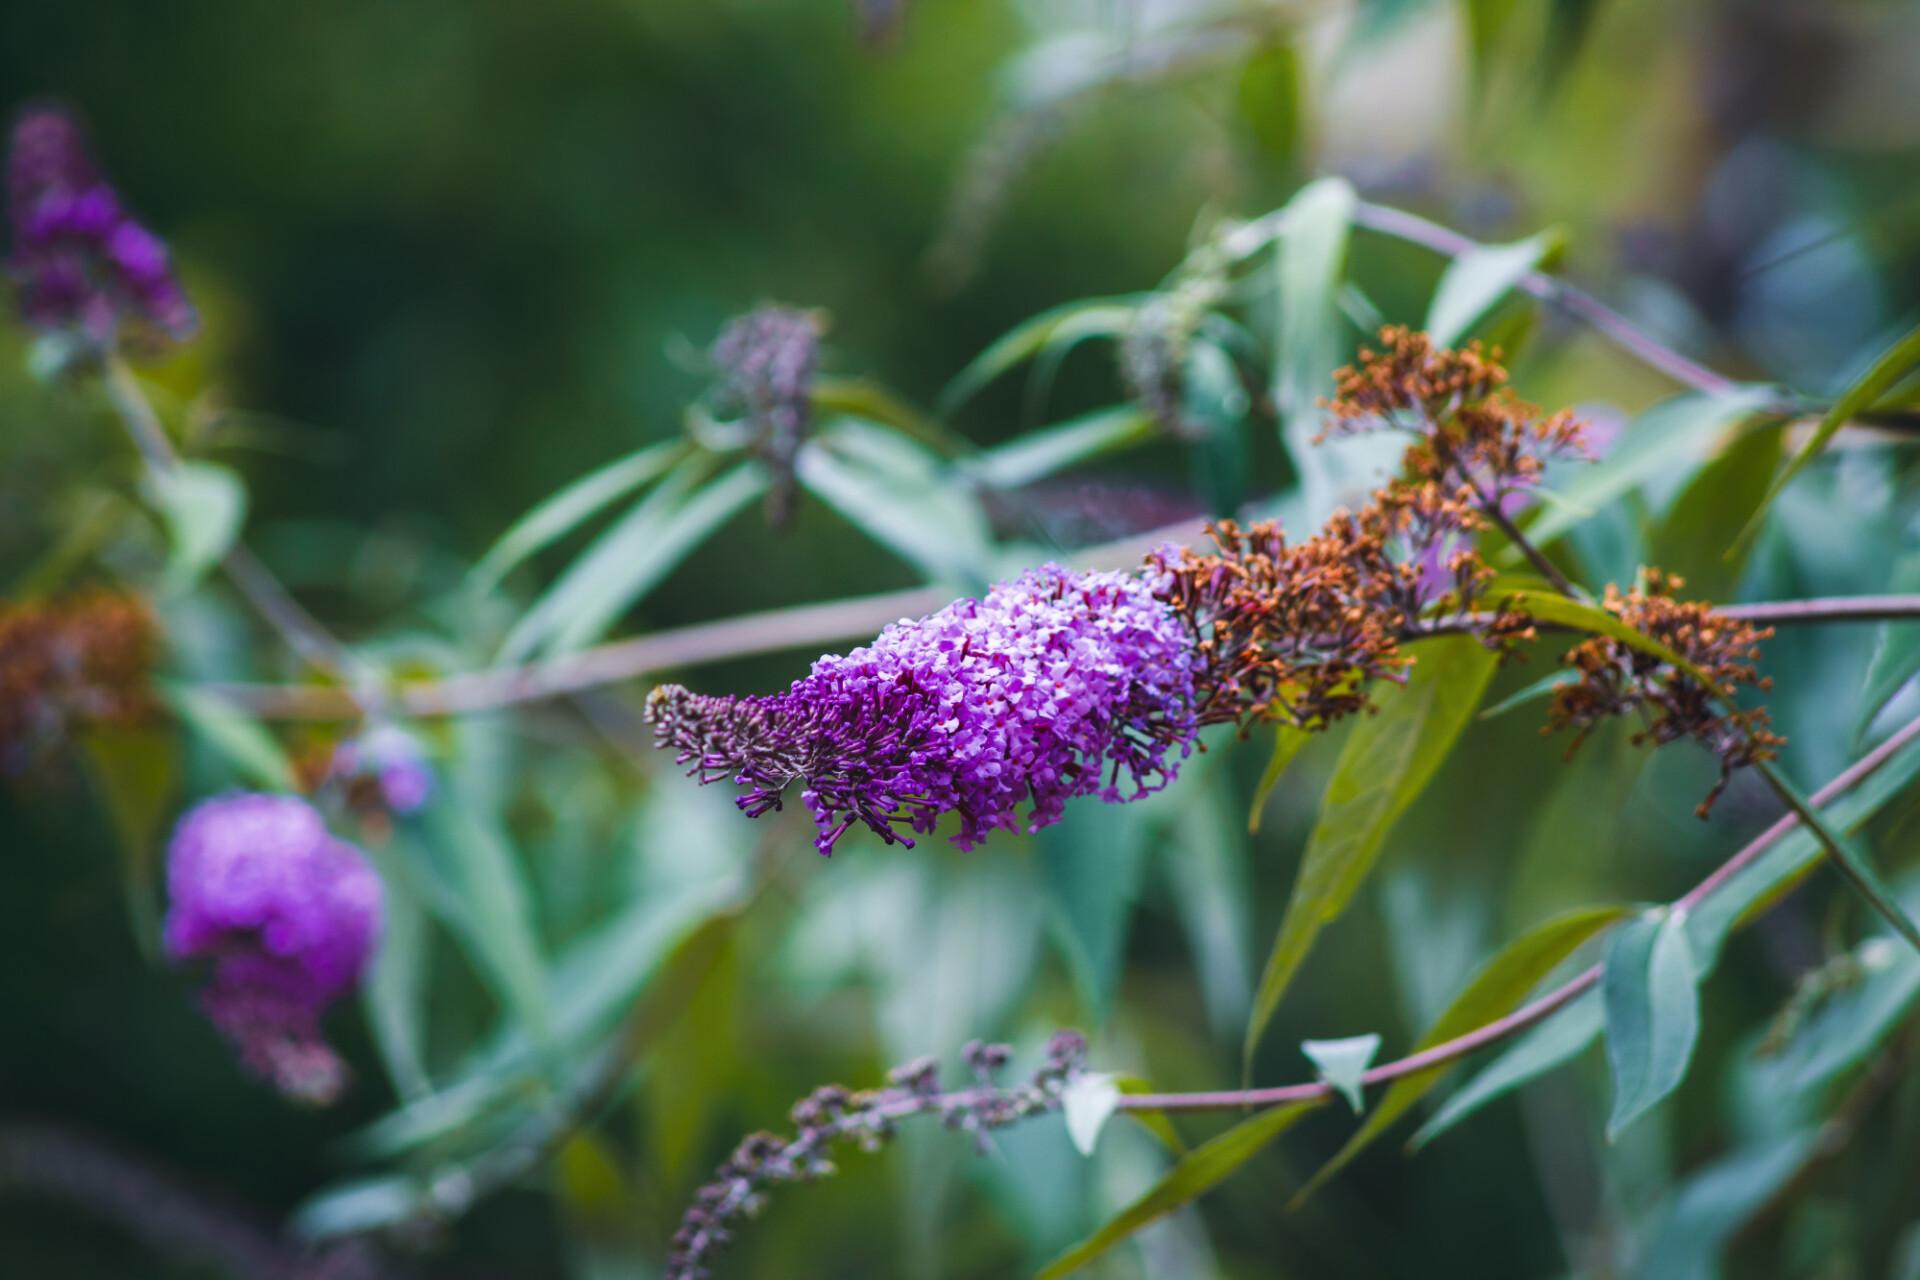 Purple lilac flowering in August